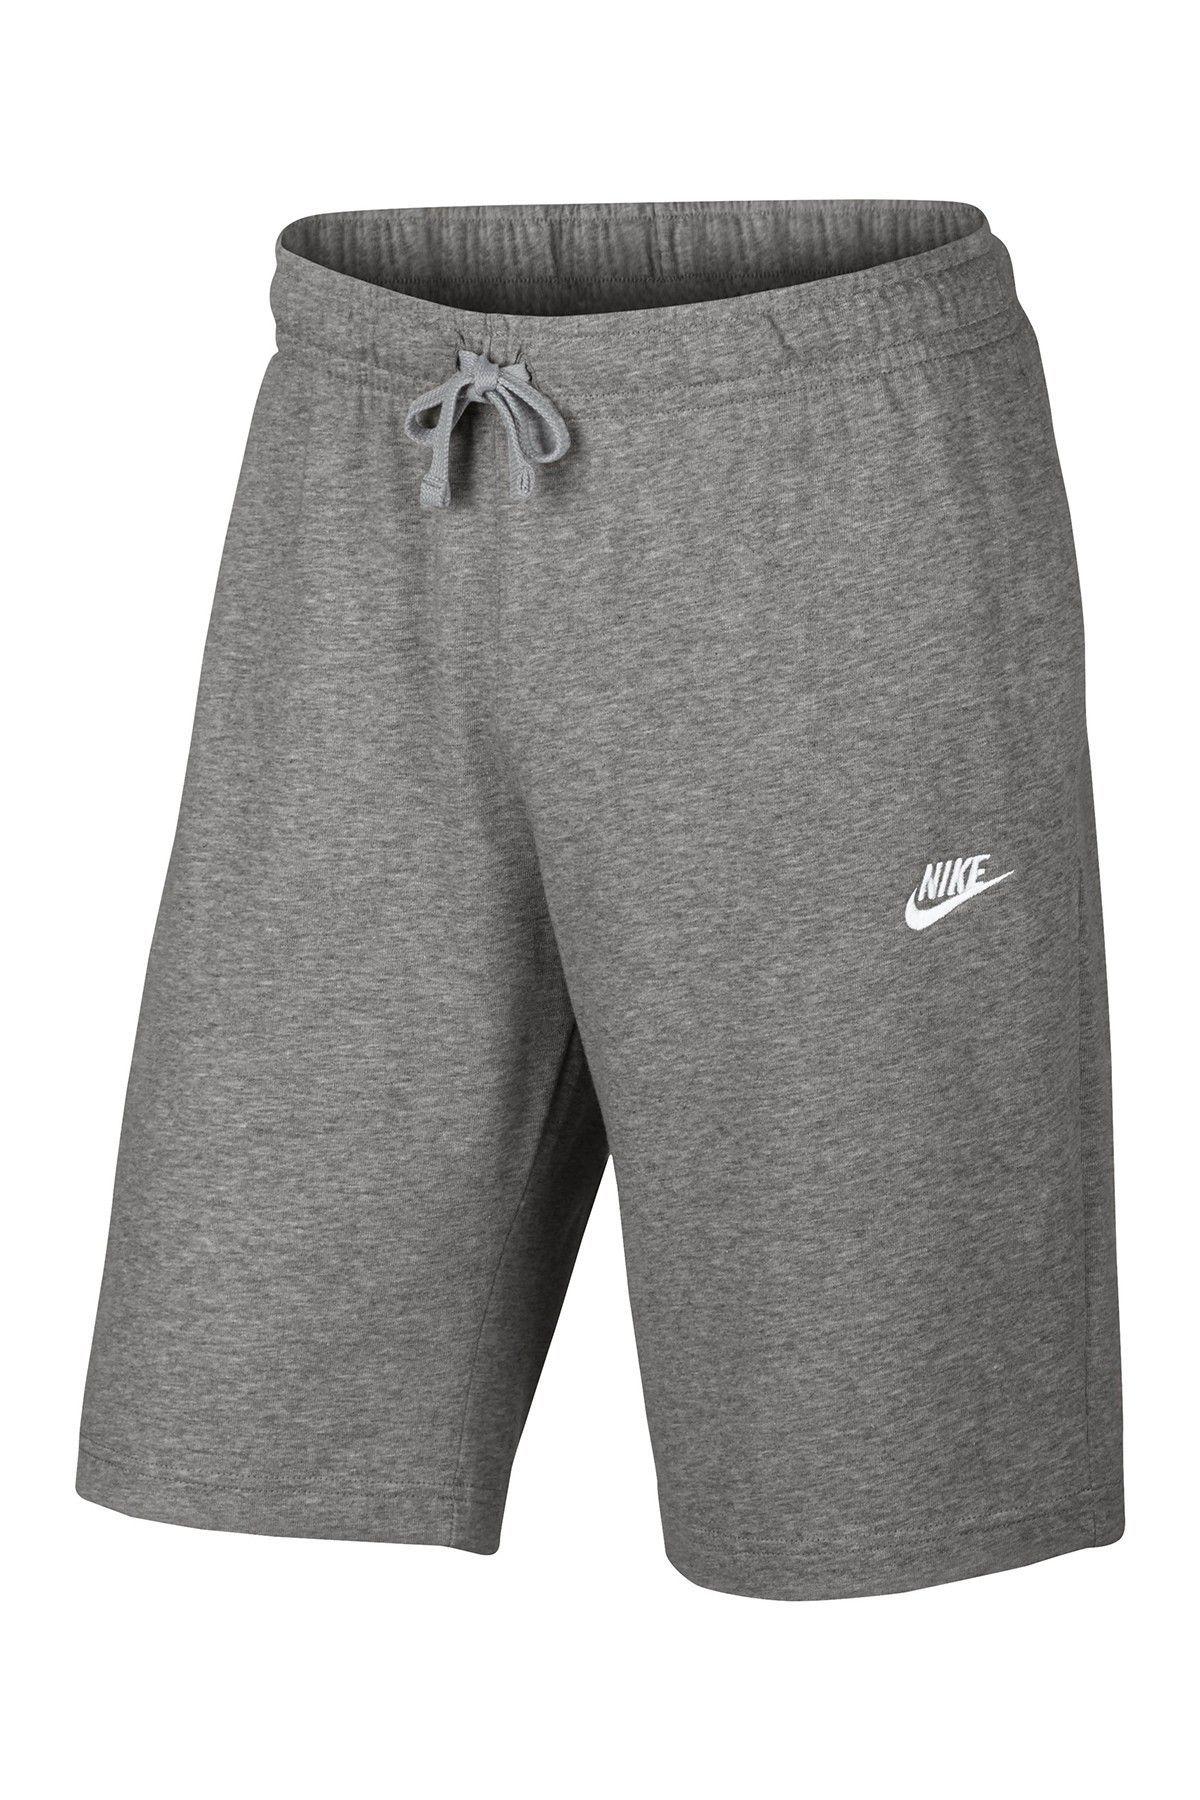 Nike Club Logo Shorts Club Logo Nike Shorts Pantalones Nike Pantalones Cortos Nike Pantalones Cortos Hombre